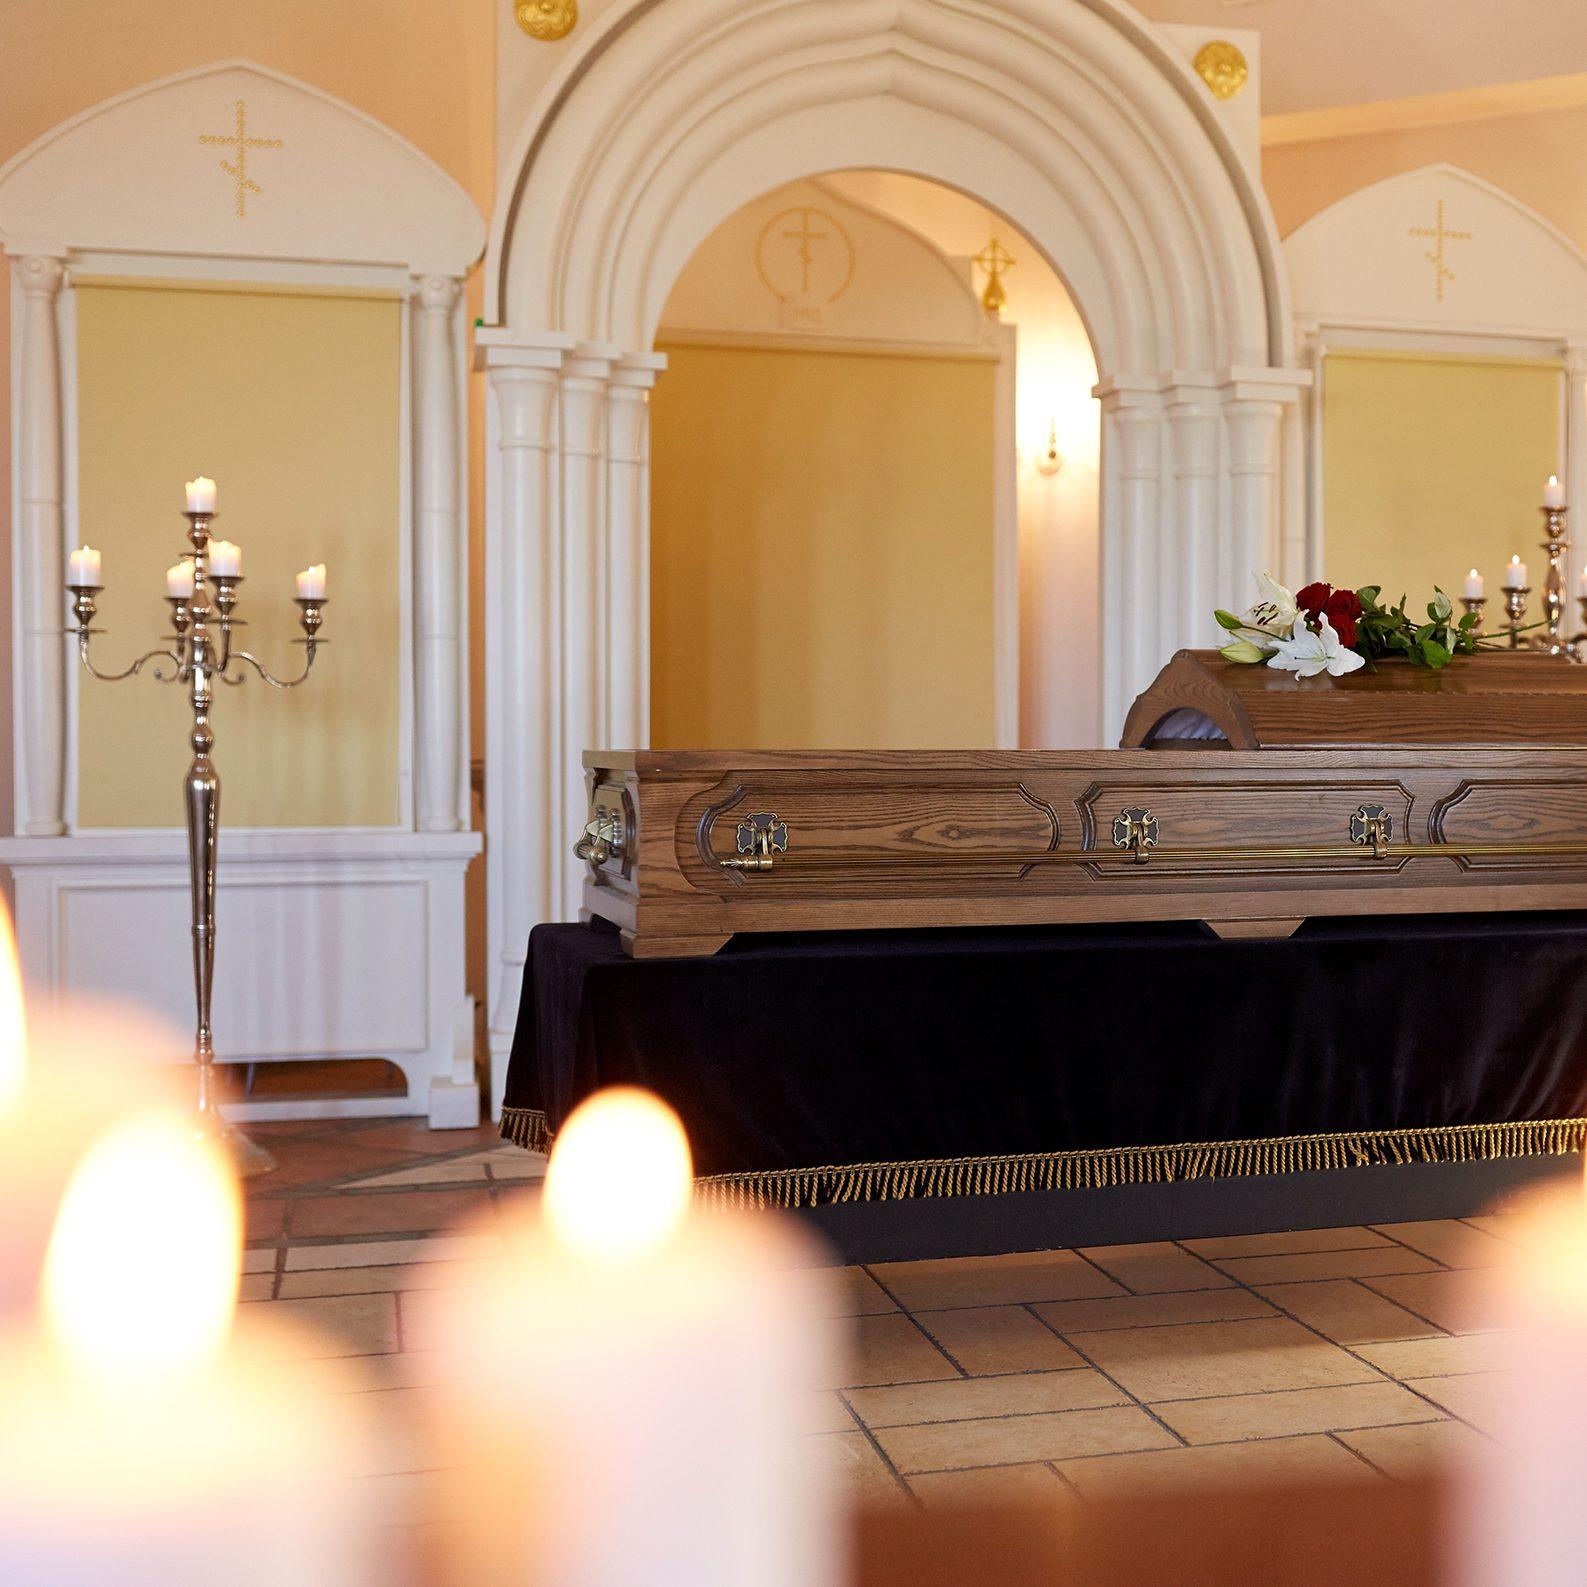 Soin de conservation et toilette mortuaire autour d'Ajaccio | 2A Funéraire